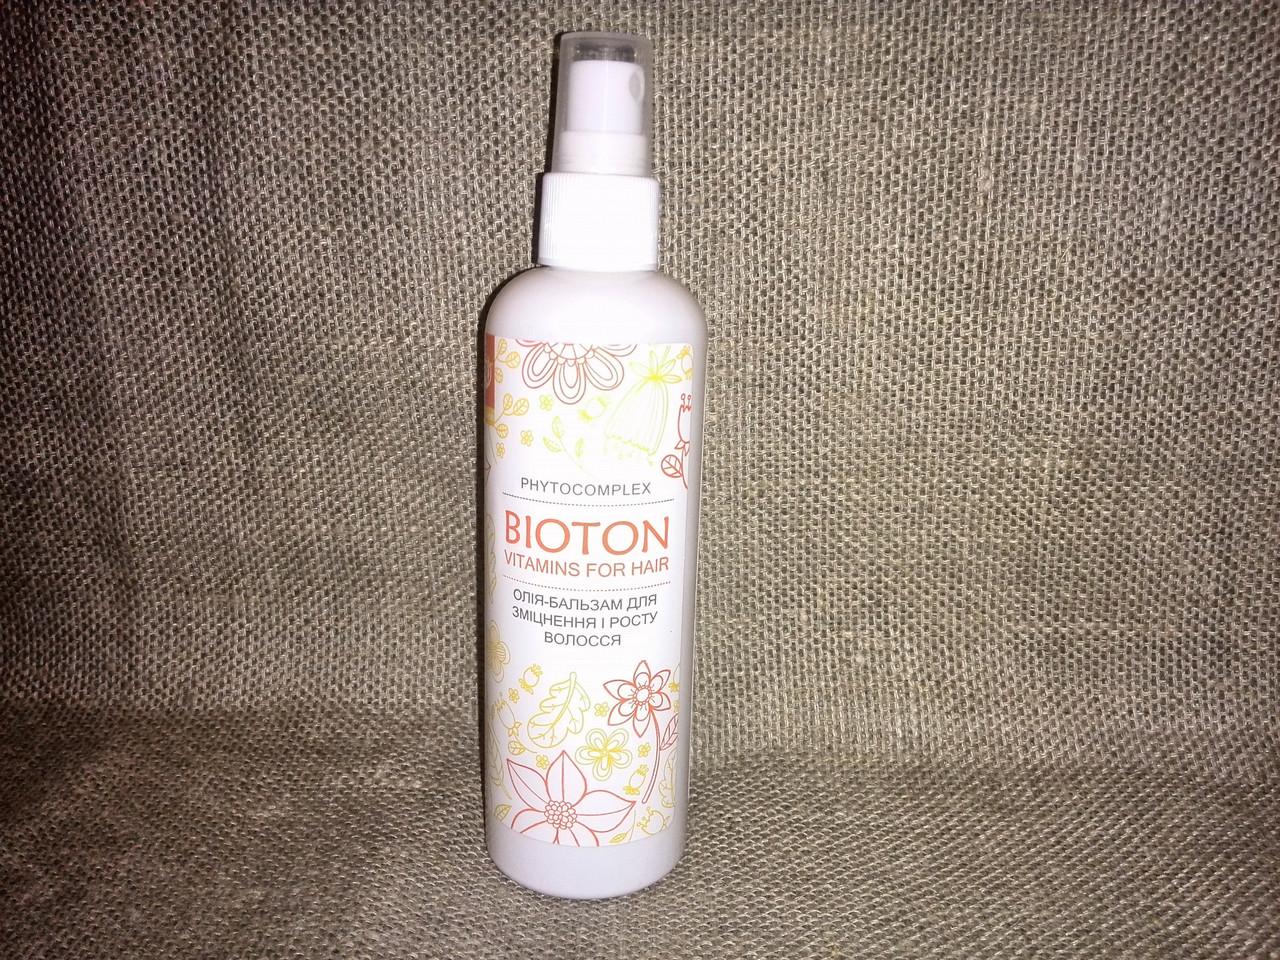 Биотон - аромабальзам для укрепления волос